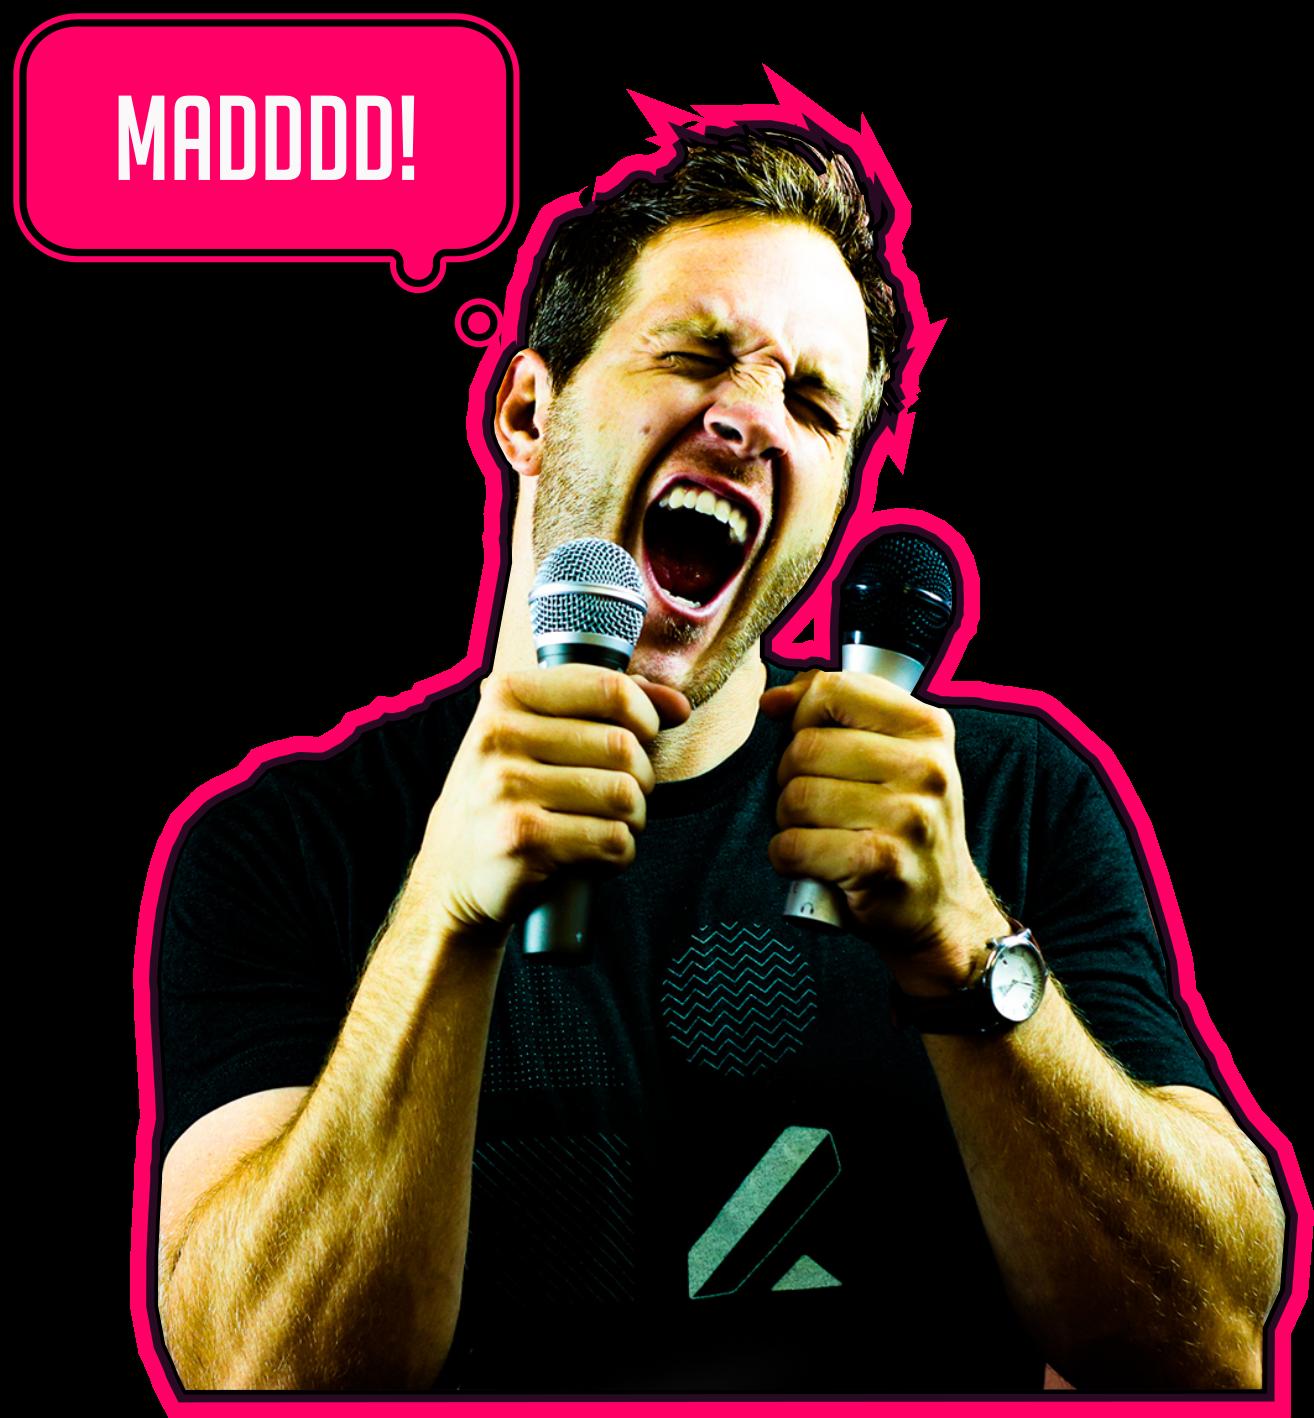 madd-fantastical - Justin Young - Mad Moguls